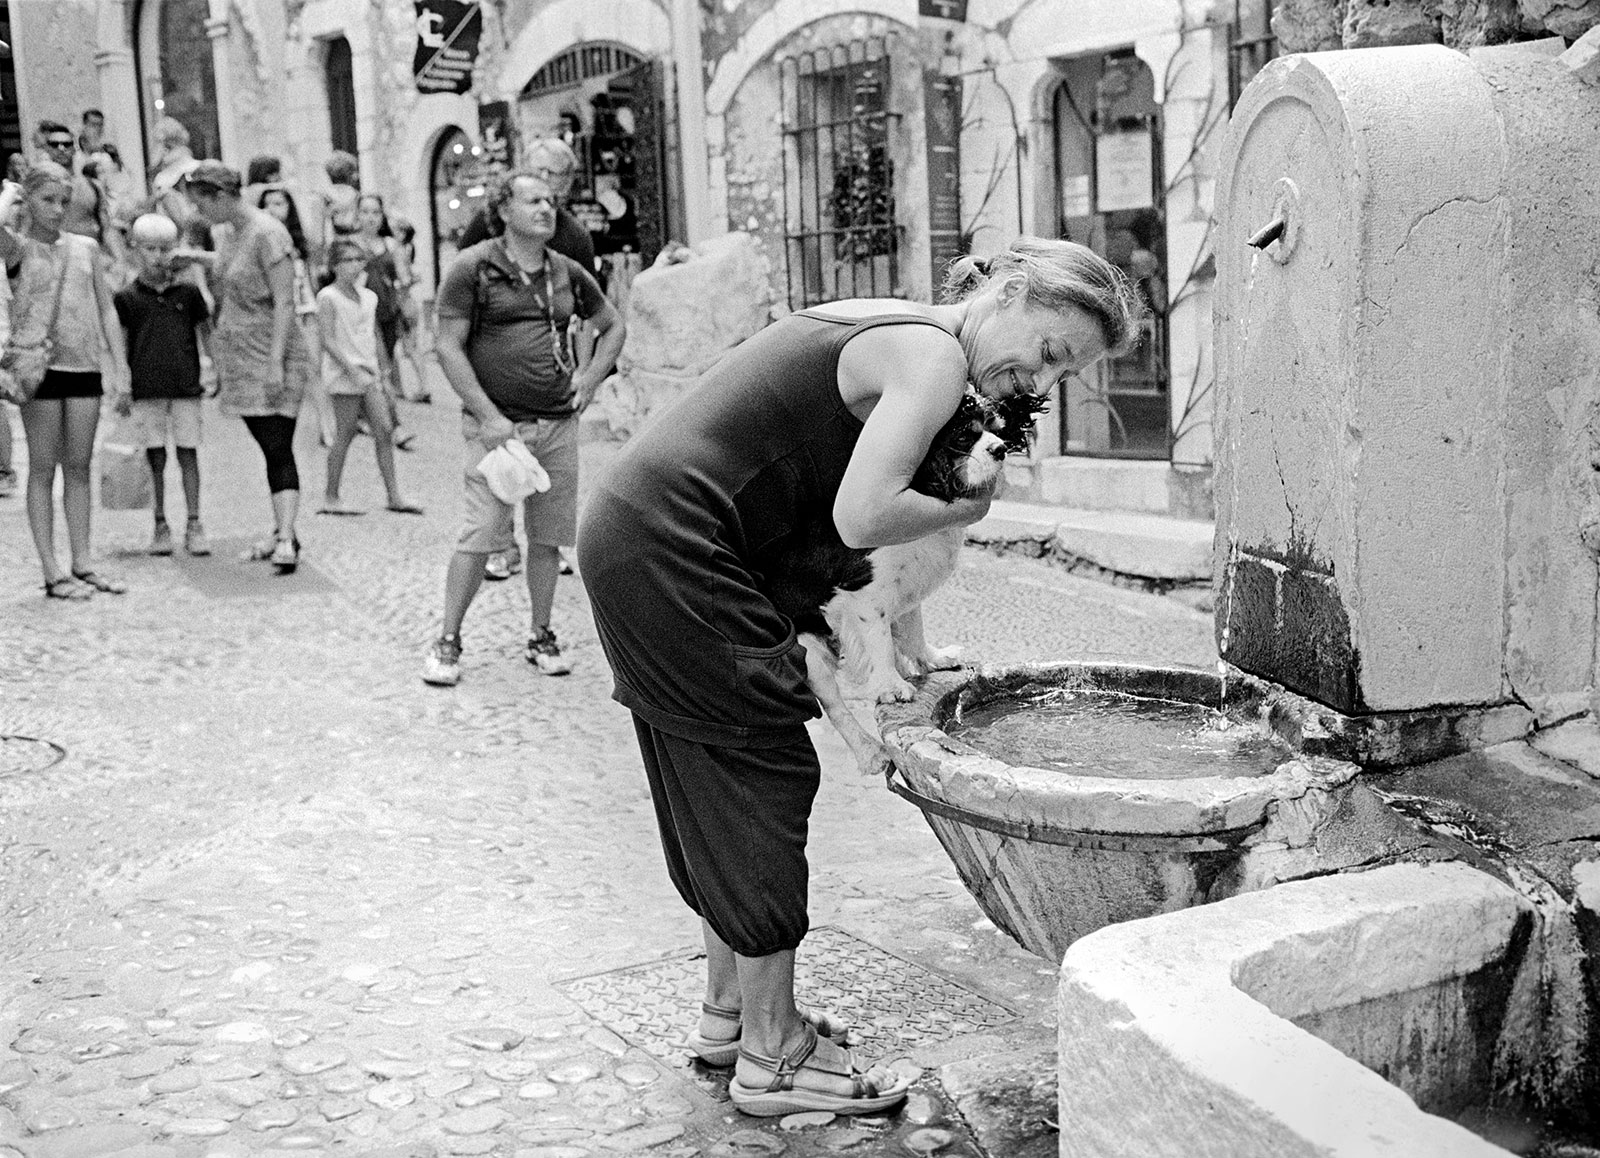 Watering hole, St. Paul de Vence